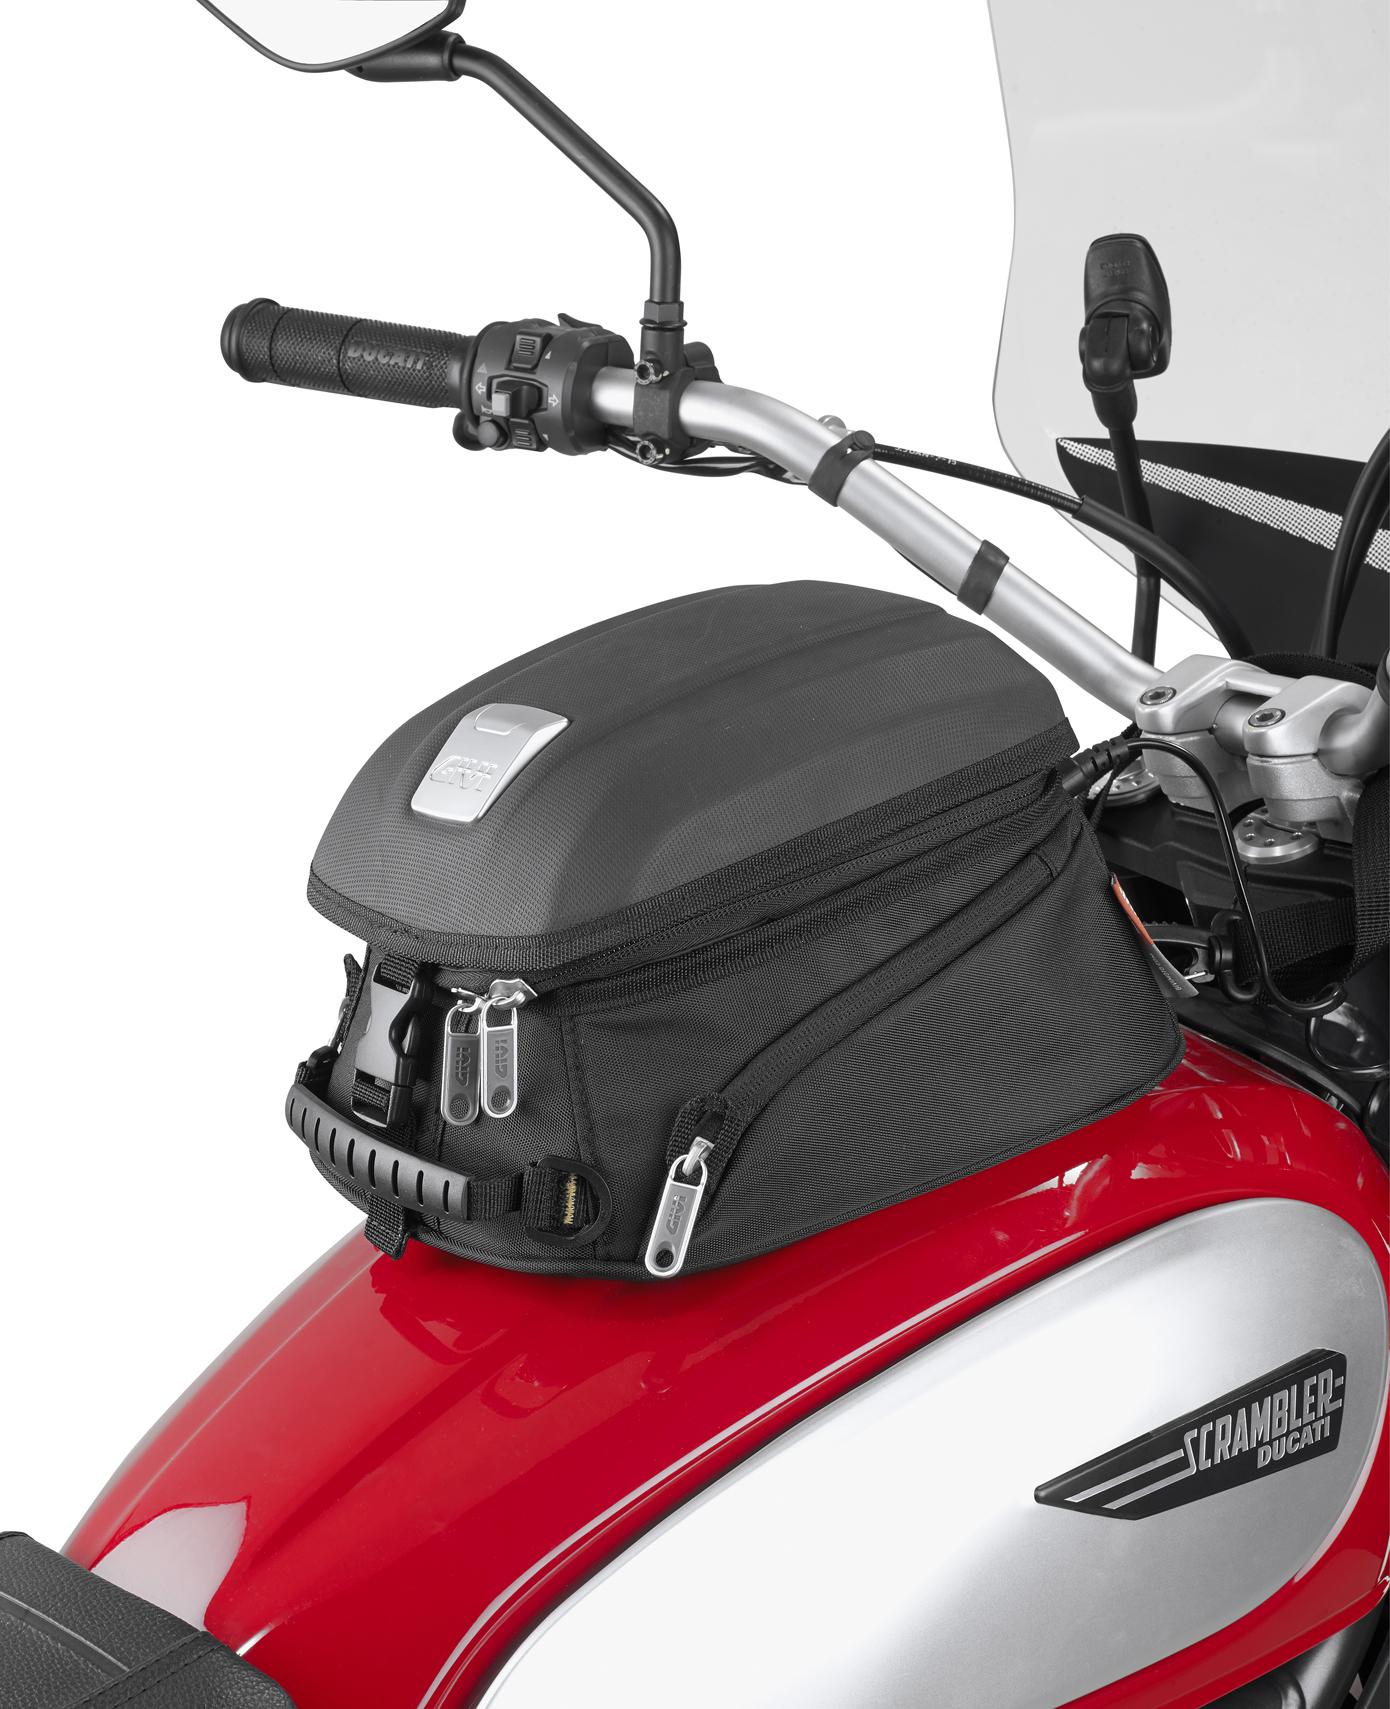 Givi Mt504 Fuel Tank Magnetic Bag 4 Liters Ducati 848 Evo Fuse Box Location